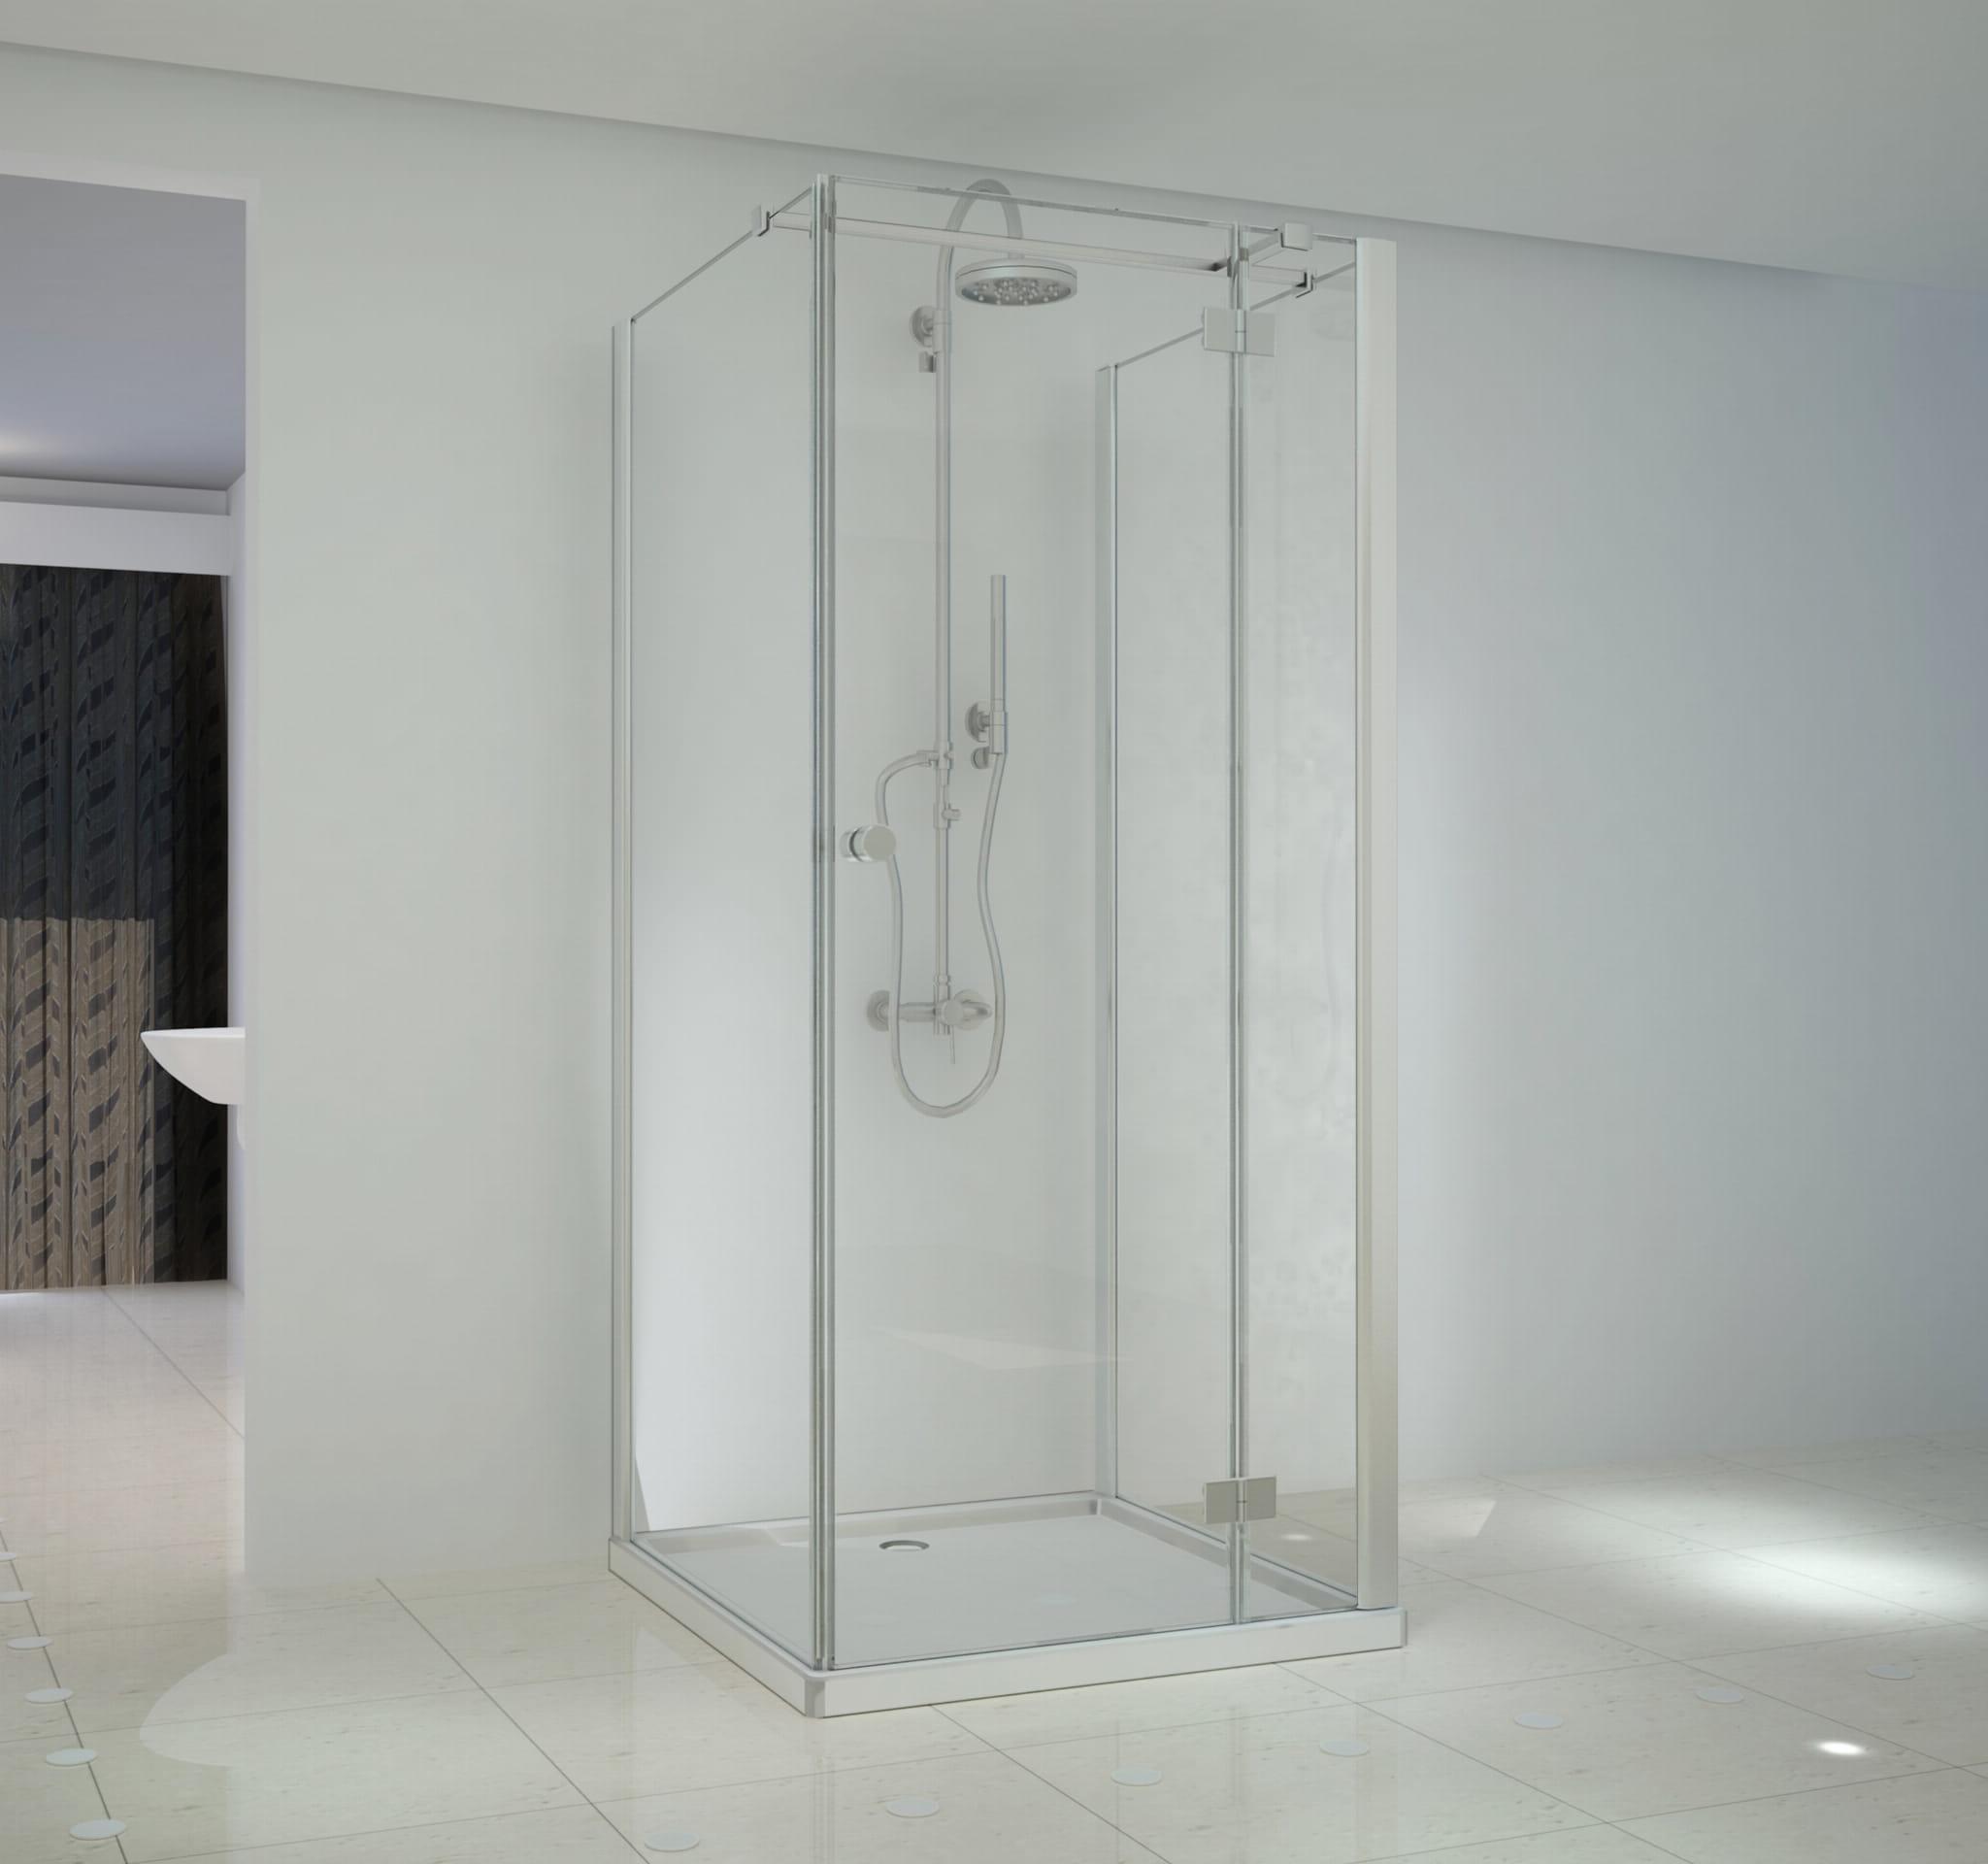 Sanotechnik - SMARTFLEX - Nástenný obdĺžnikový sprchový kút, pravý 100 x 110 x 195 cm pravý